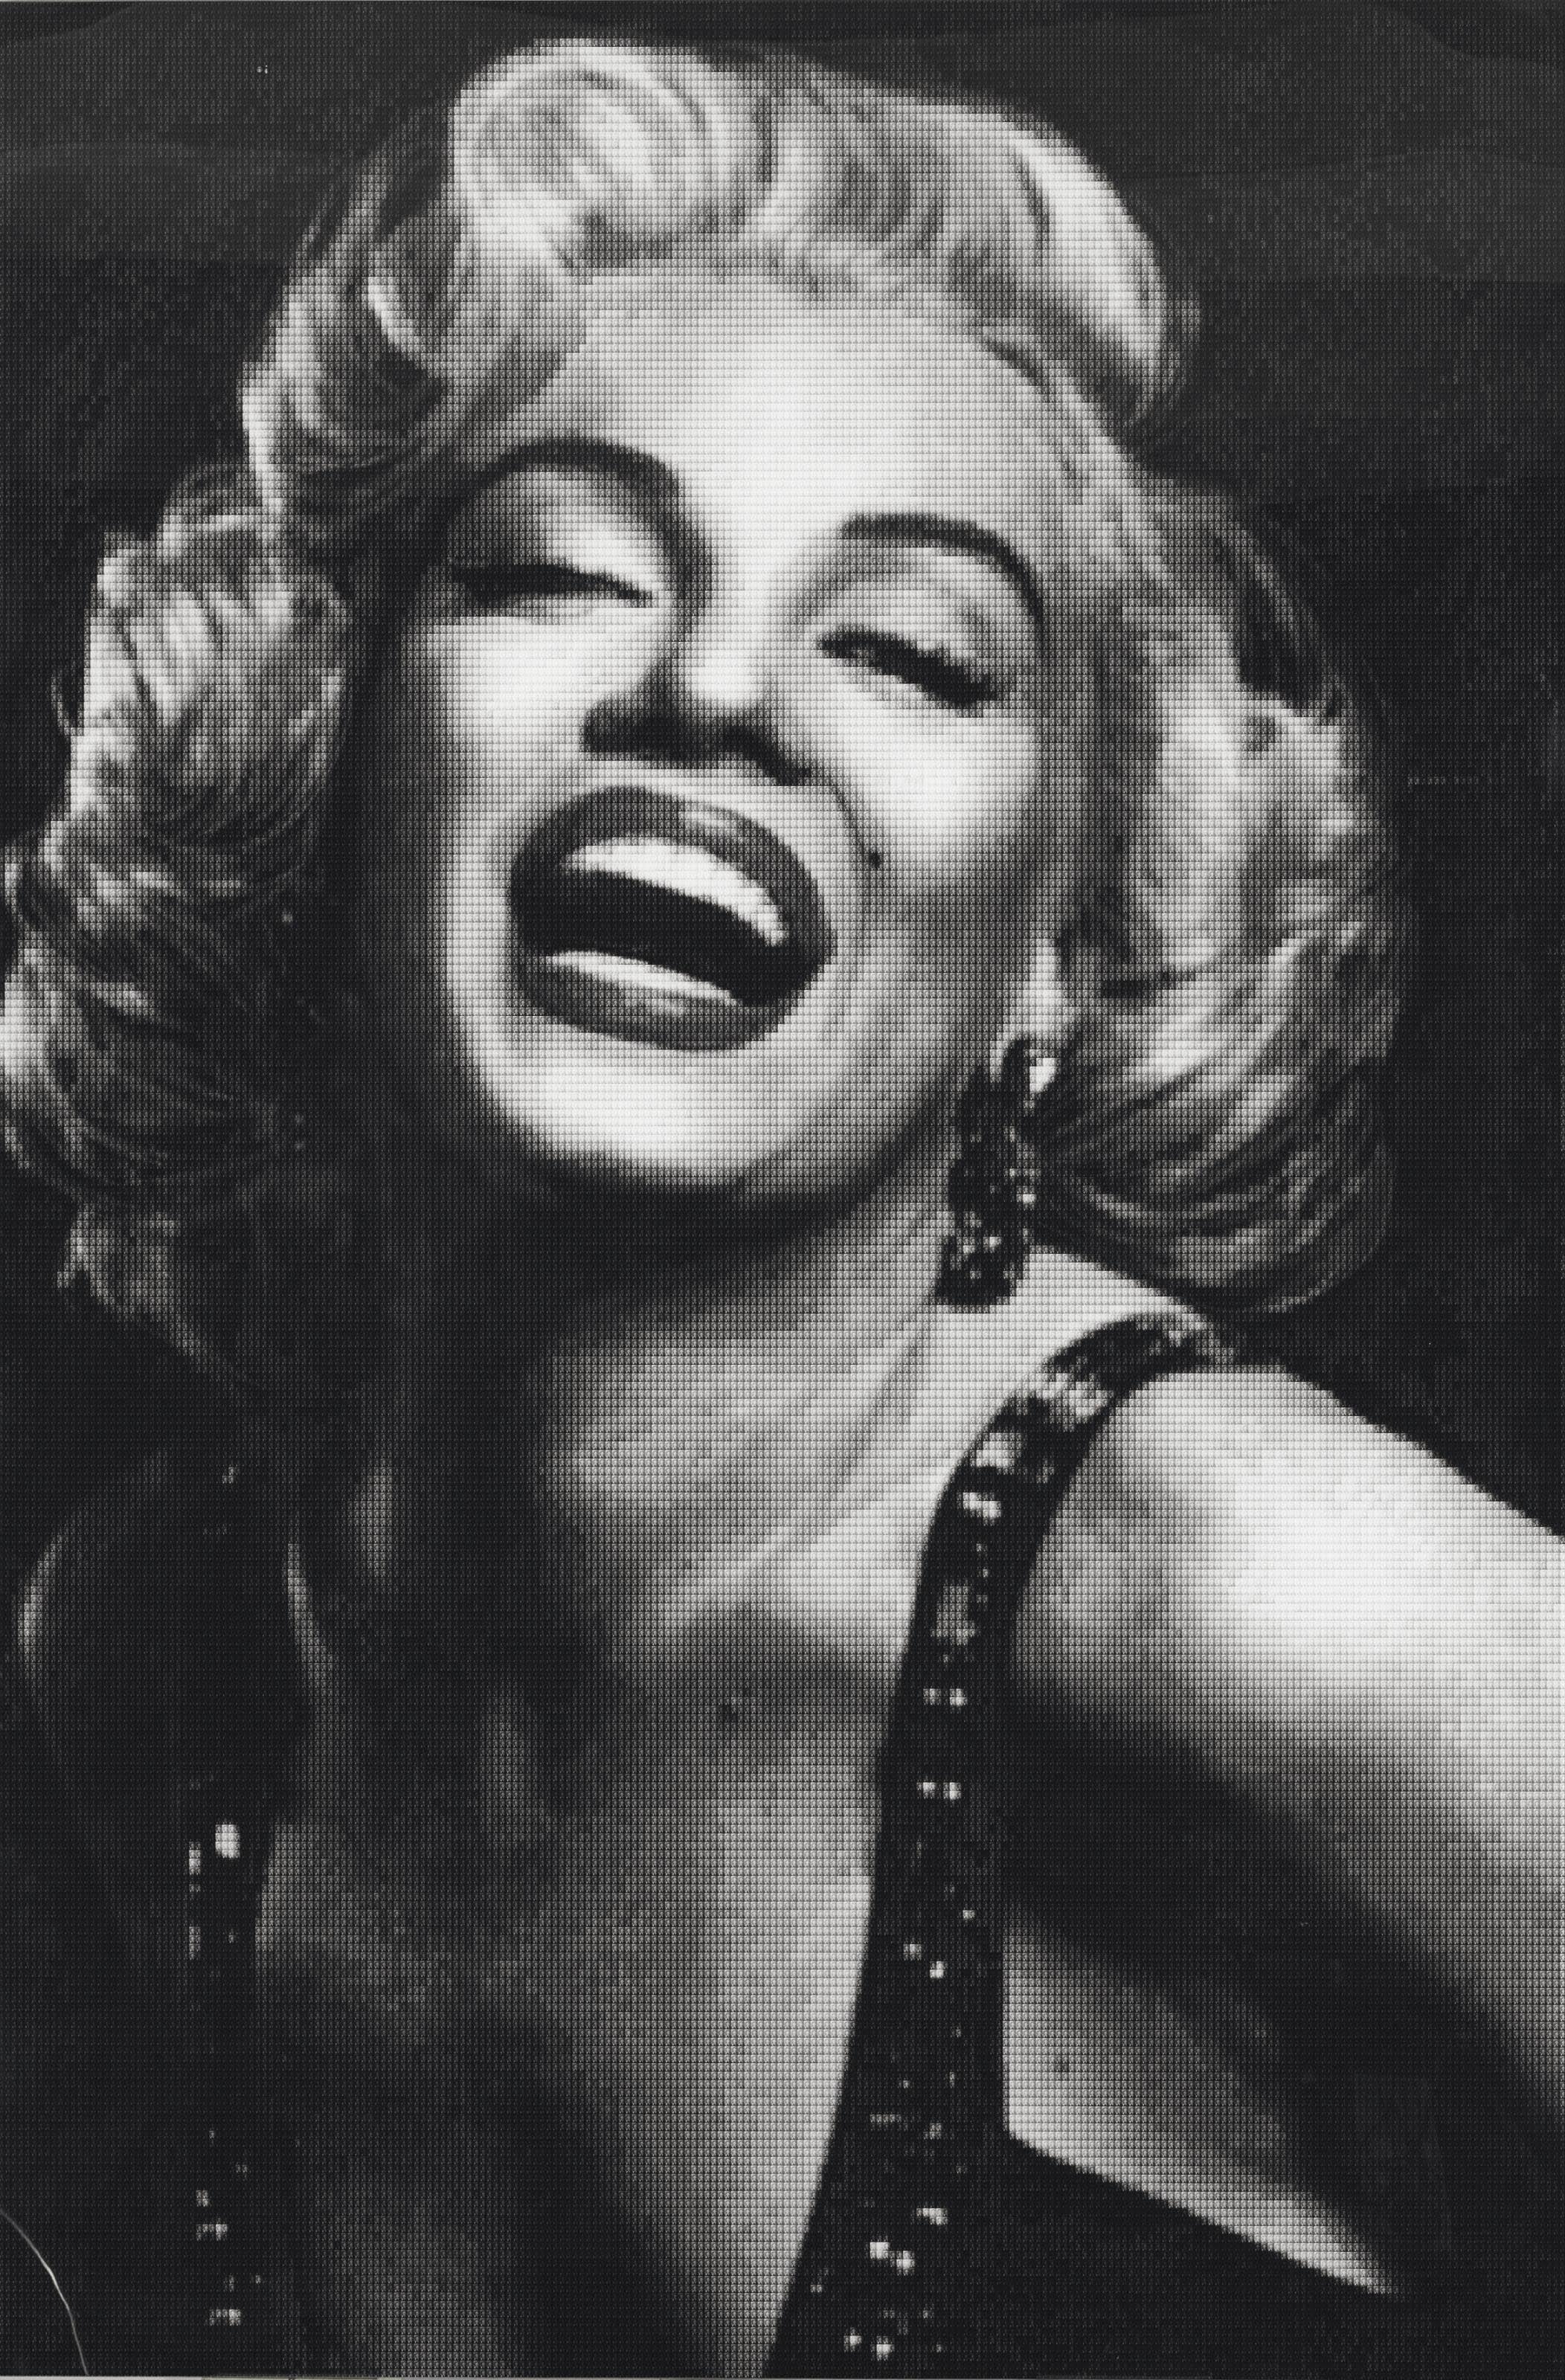 Marilyn versus JFK, 2009